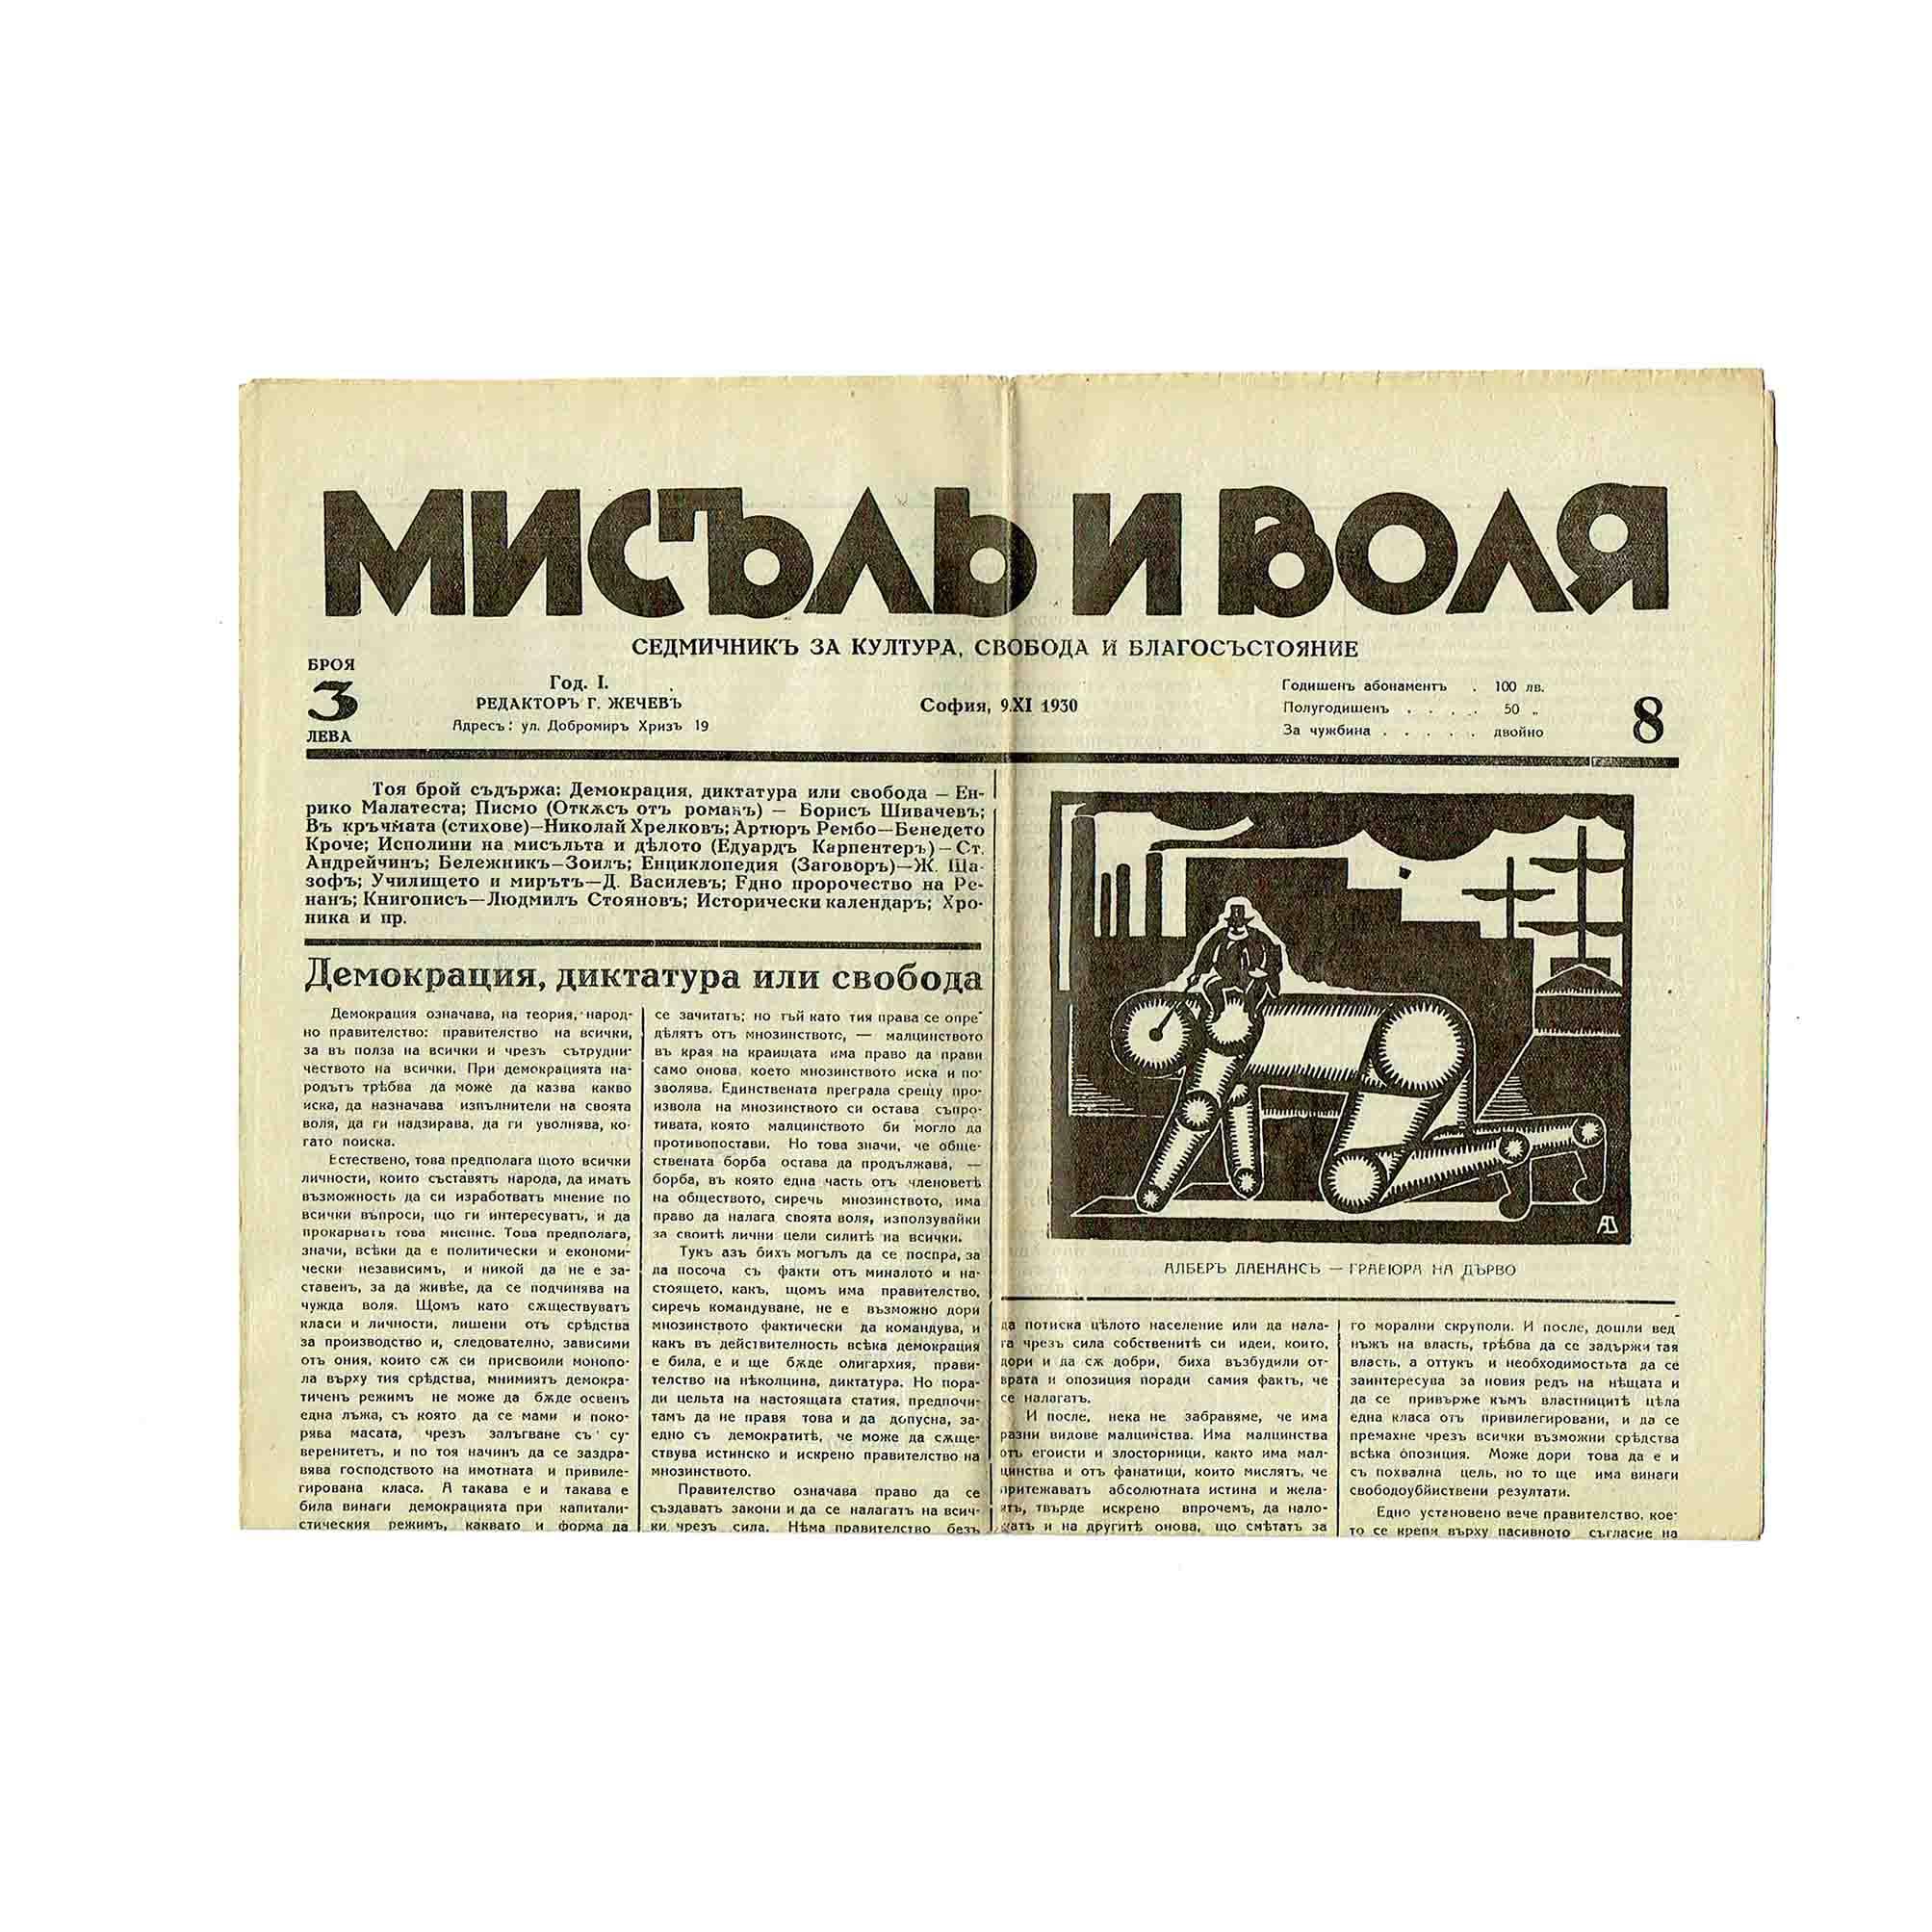 5847-Misal-i-Volya-Gedanke-und-Wille-I-9-1930-Titelseite-A-N.jpeg